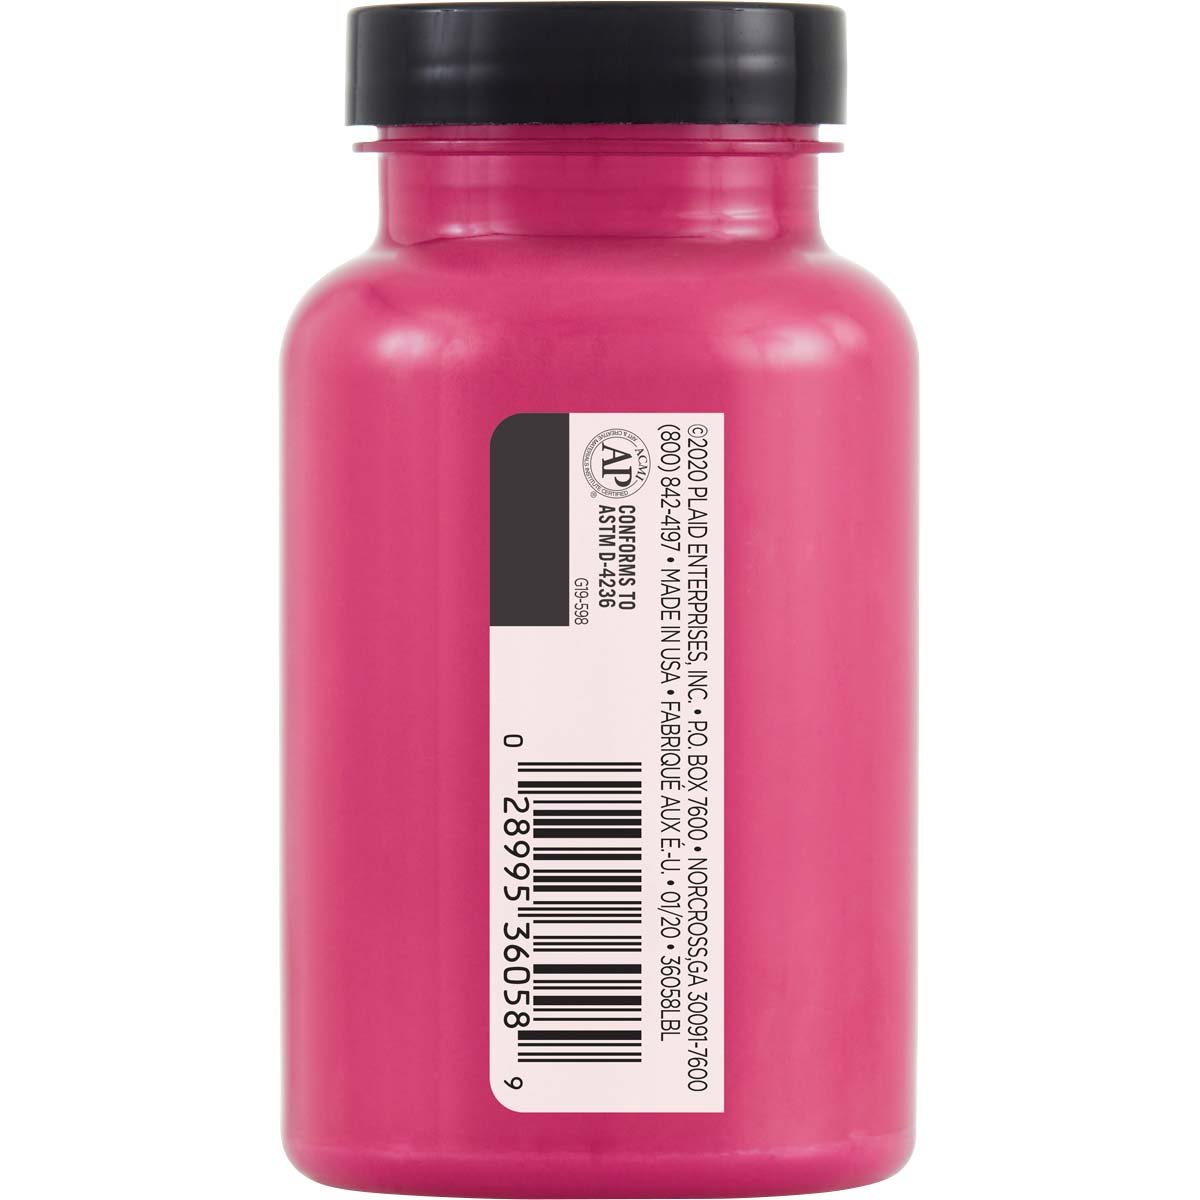 FolkArt ® One Décor Paint™ - Deep Fuchsia, 8 oz. - 36058